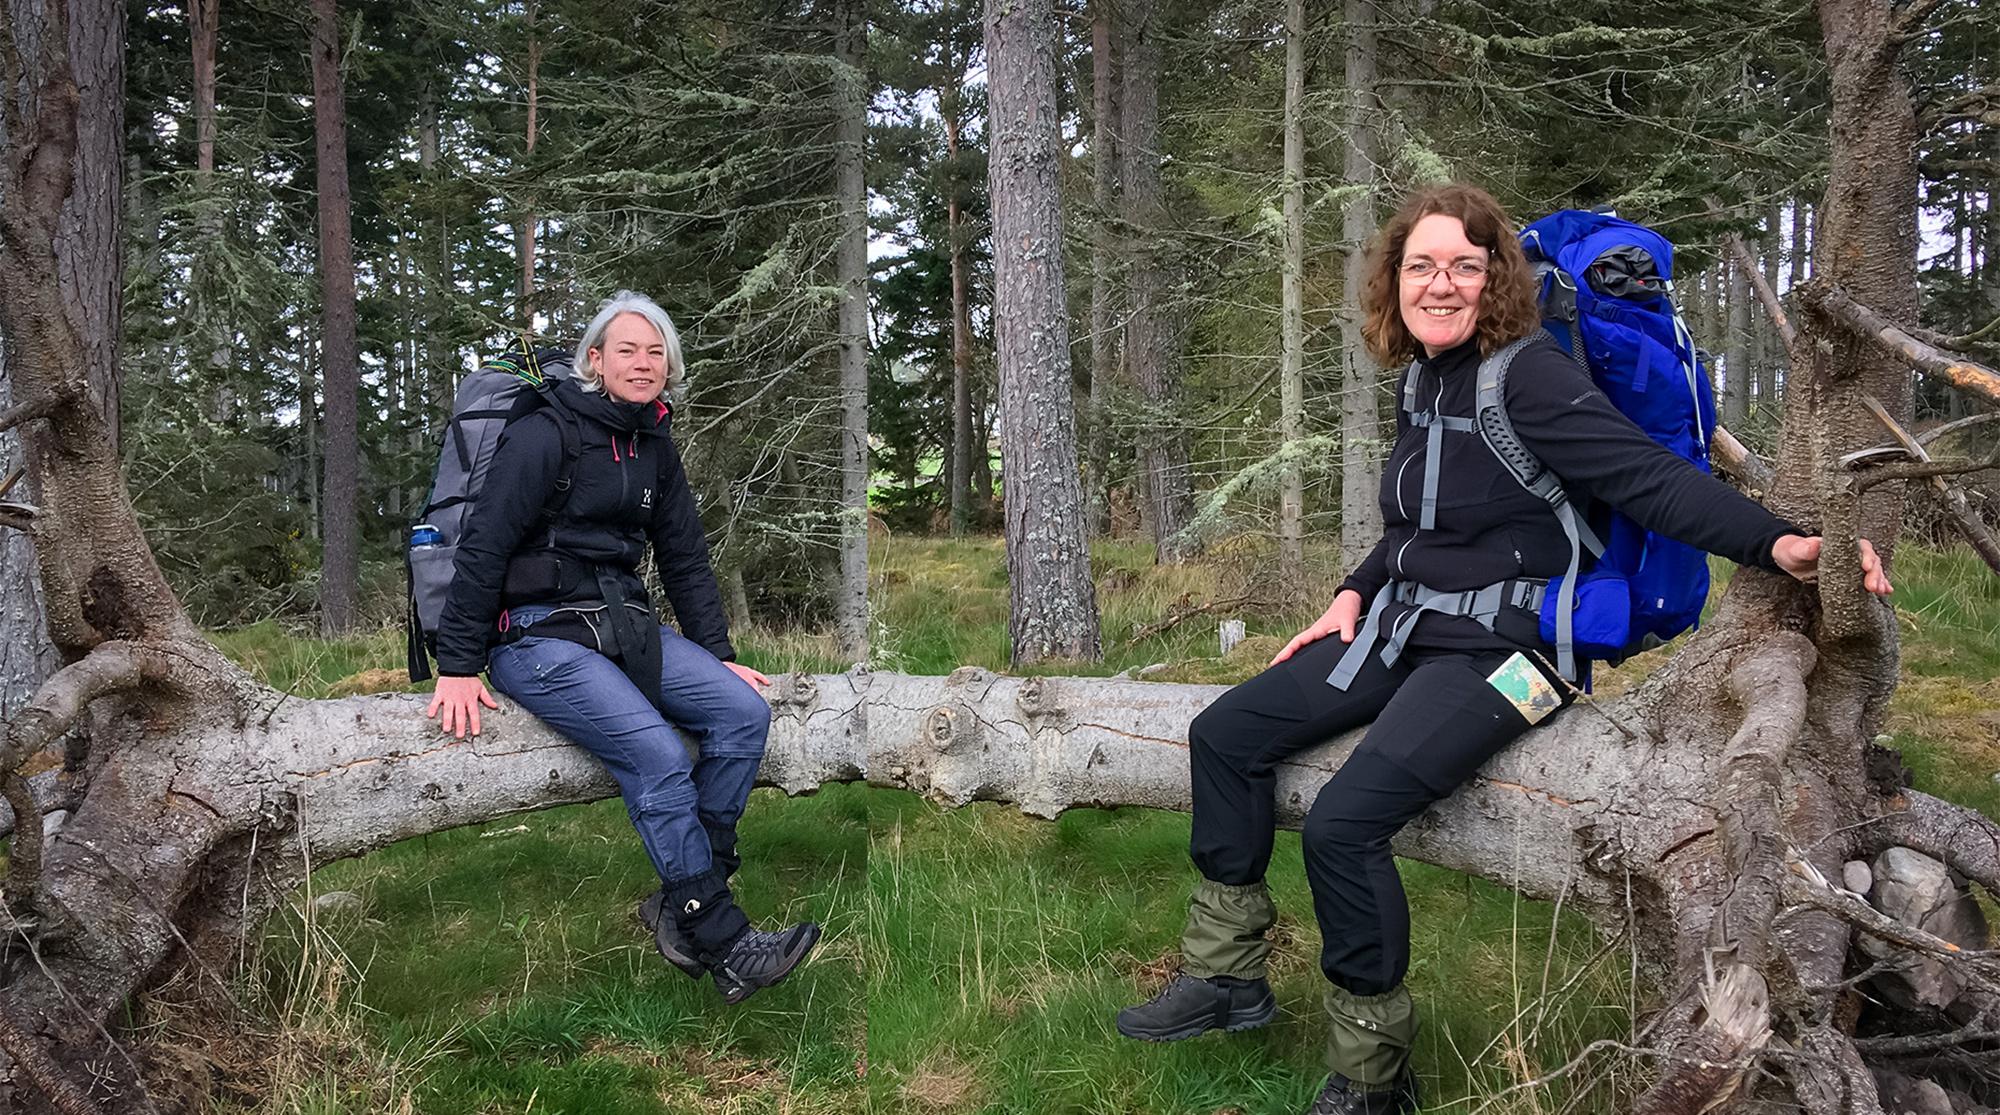 Zwei Frauen auf einem Baumstamm